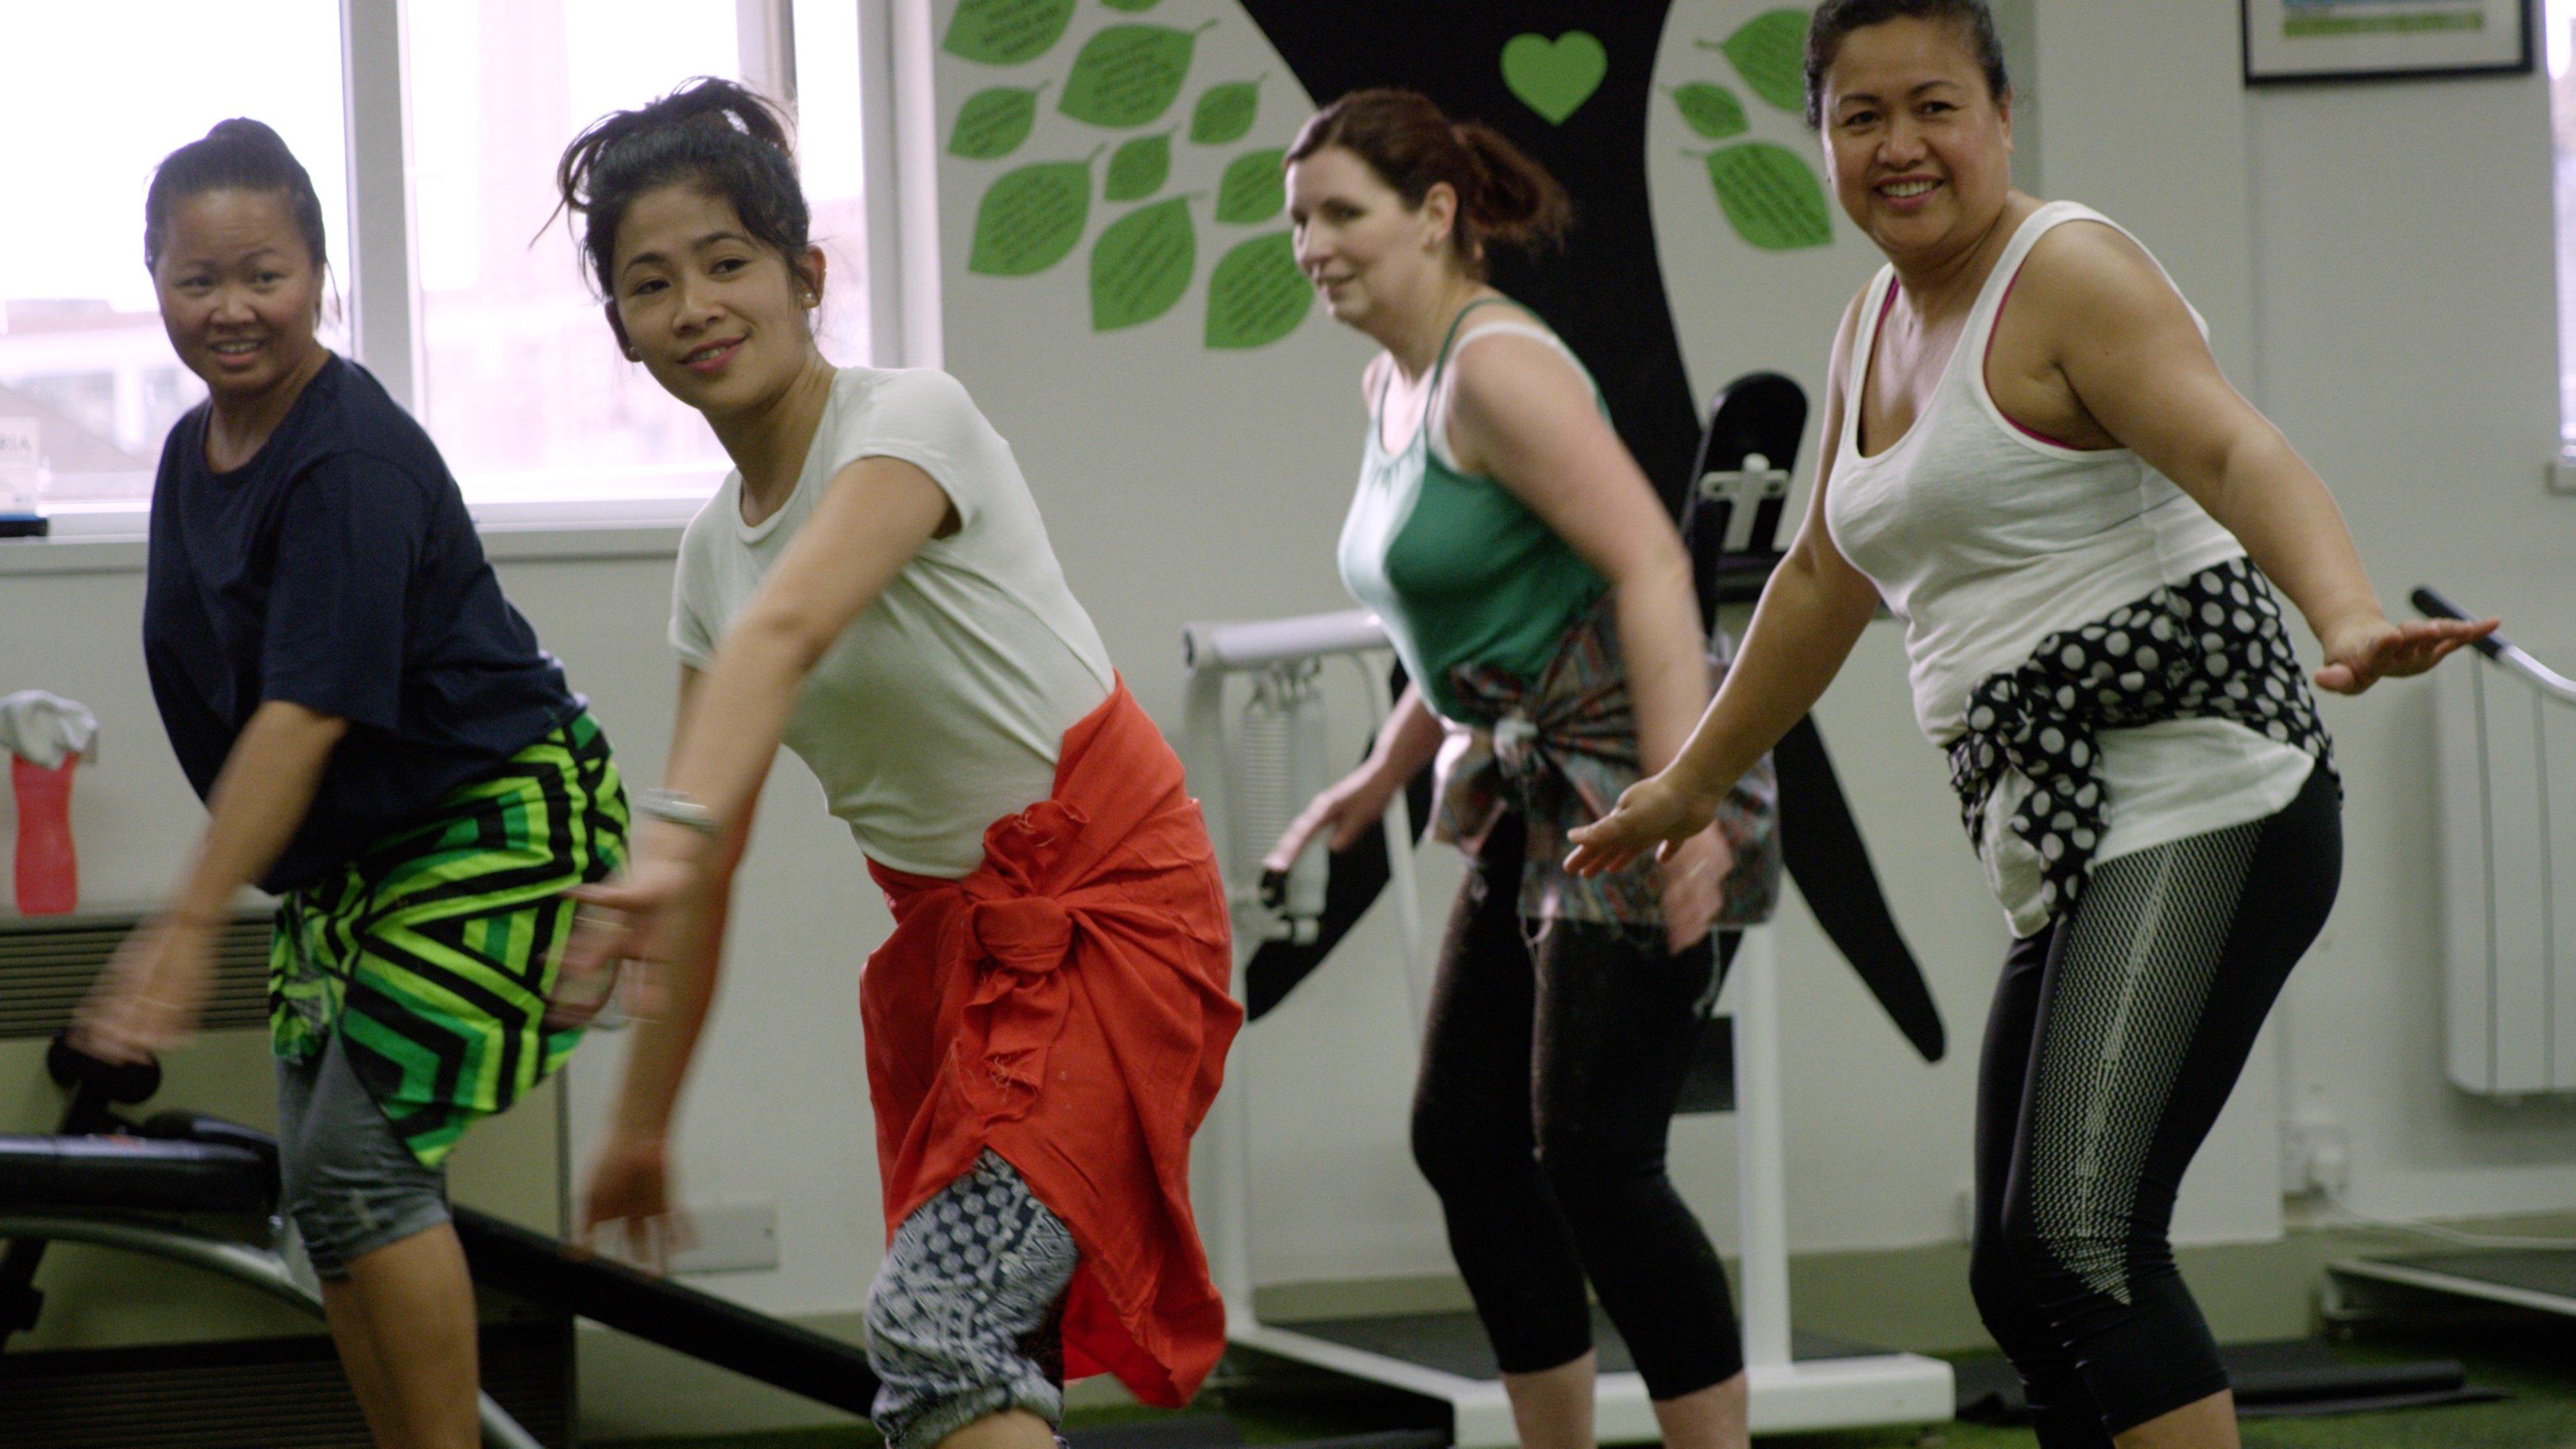 women having fun in an exercise class